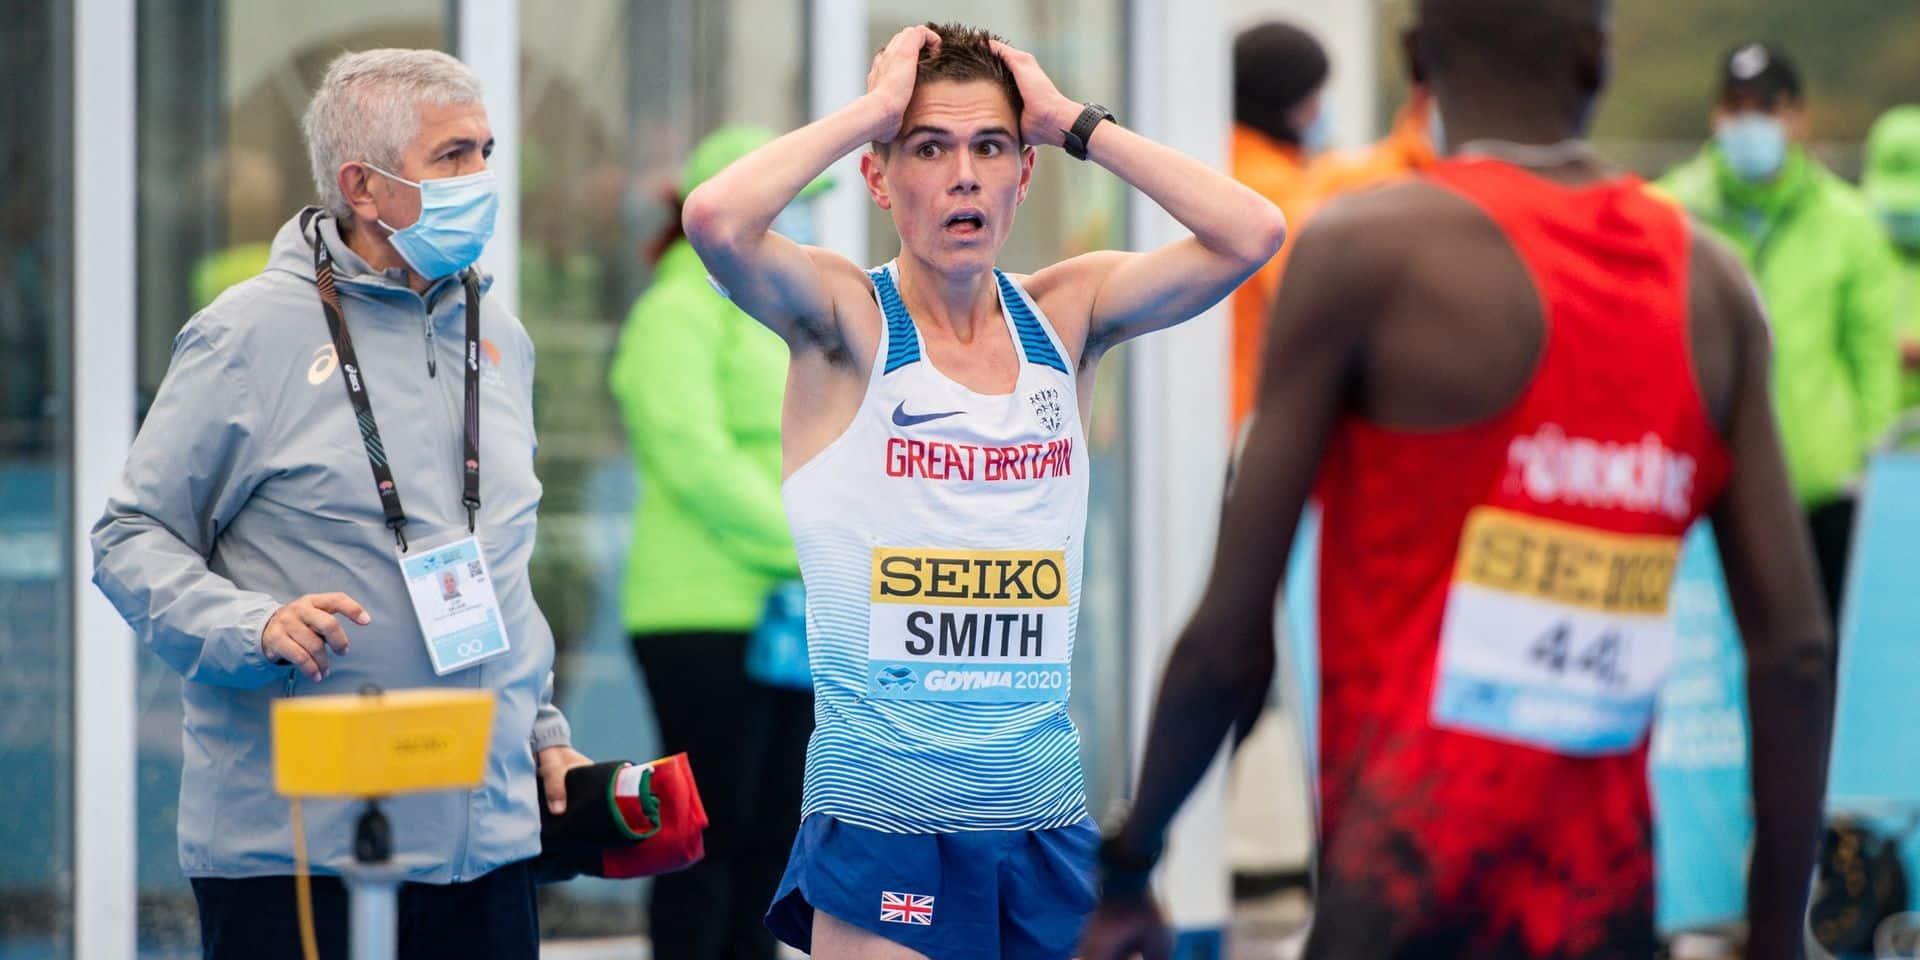 Incroyable: le meneur d'allure remporte le marathon!